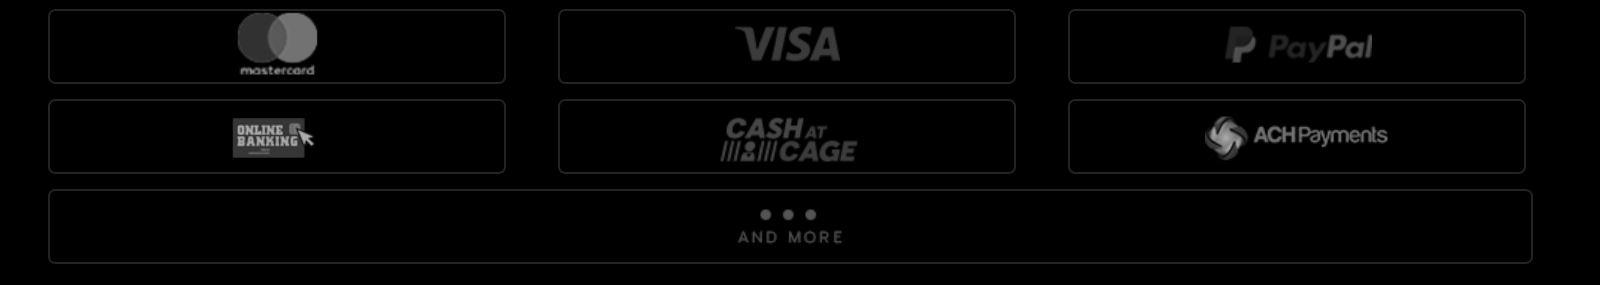 888 Casino cuenta con varias modalidades de métodos de pago.